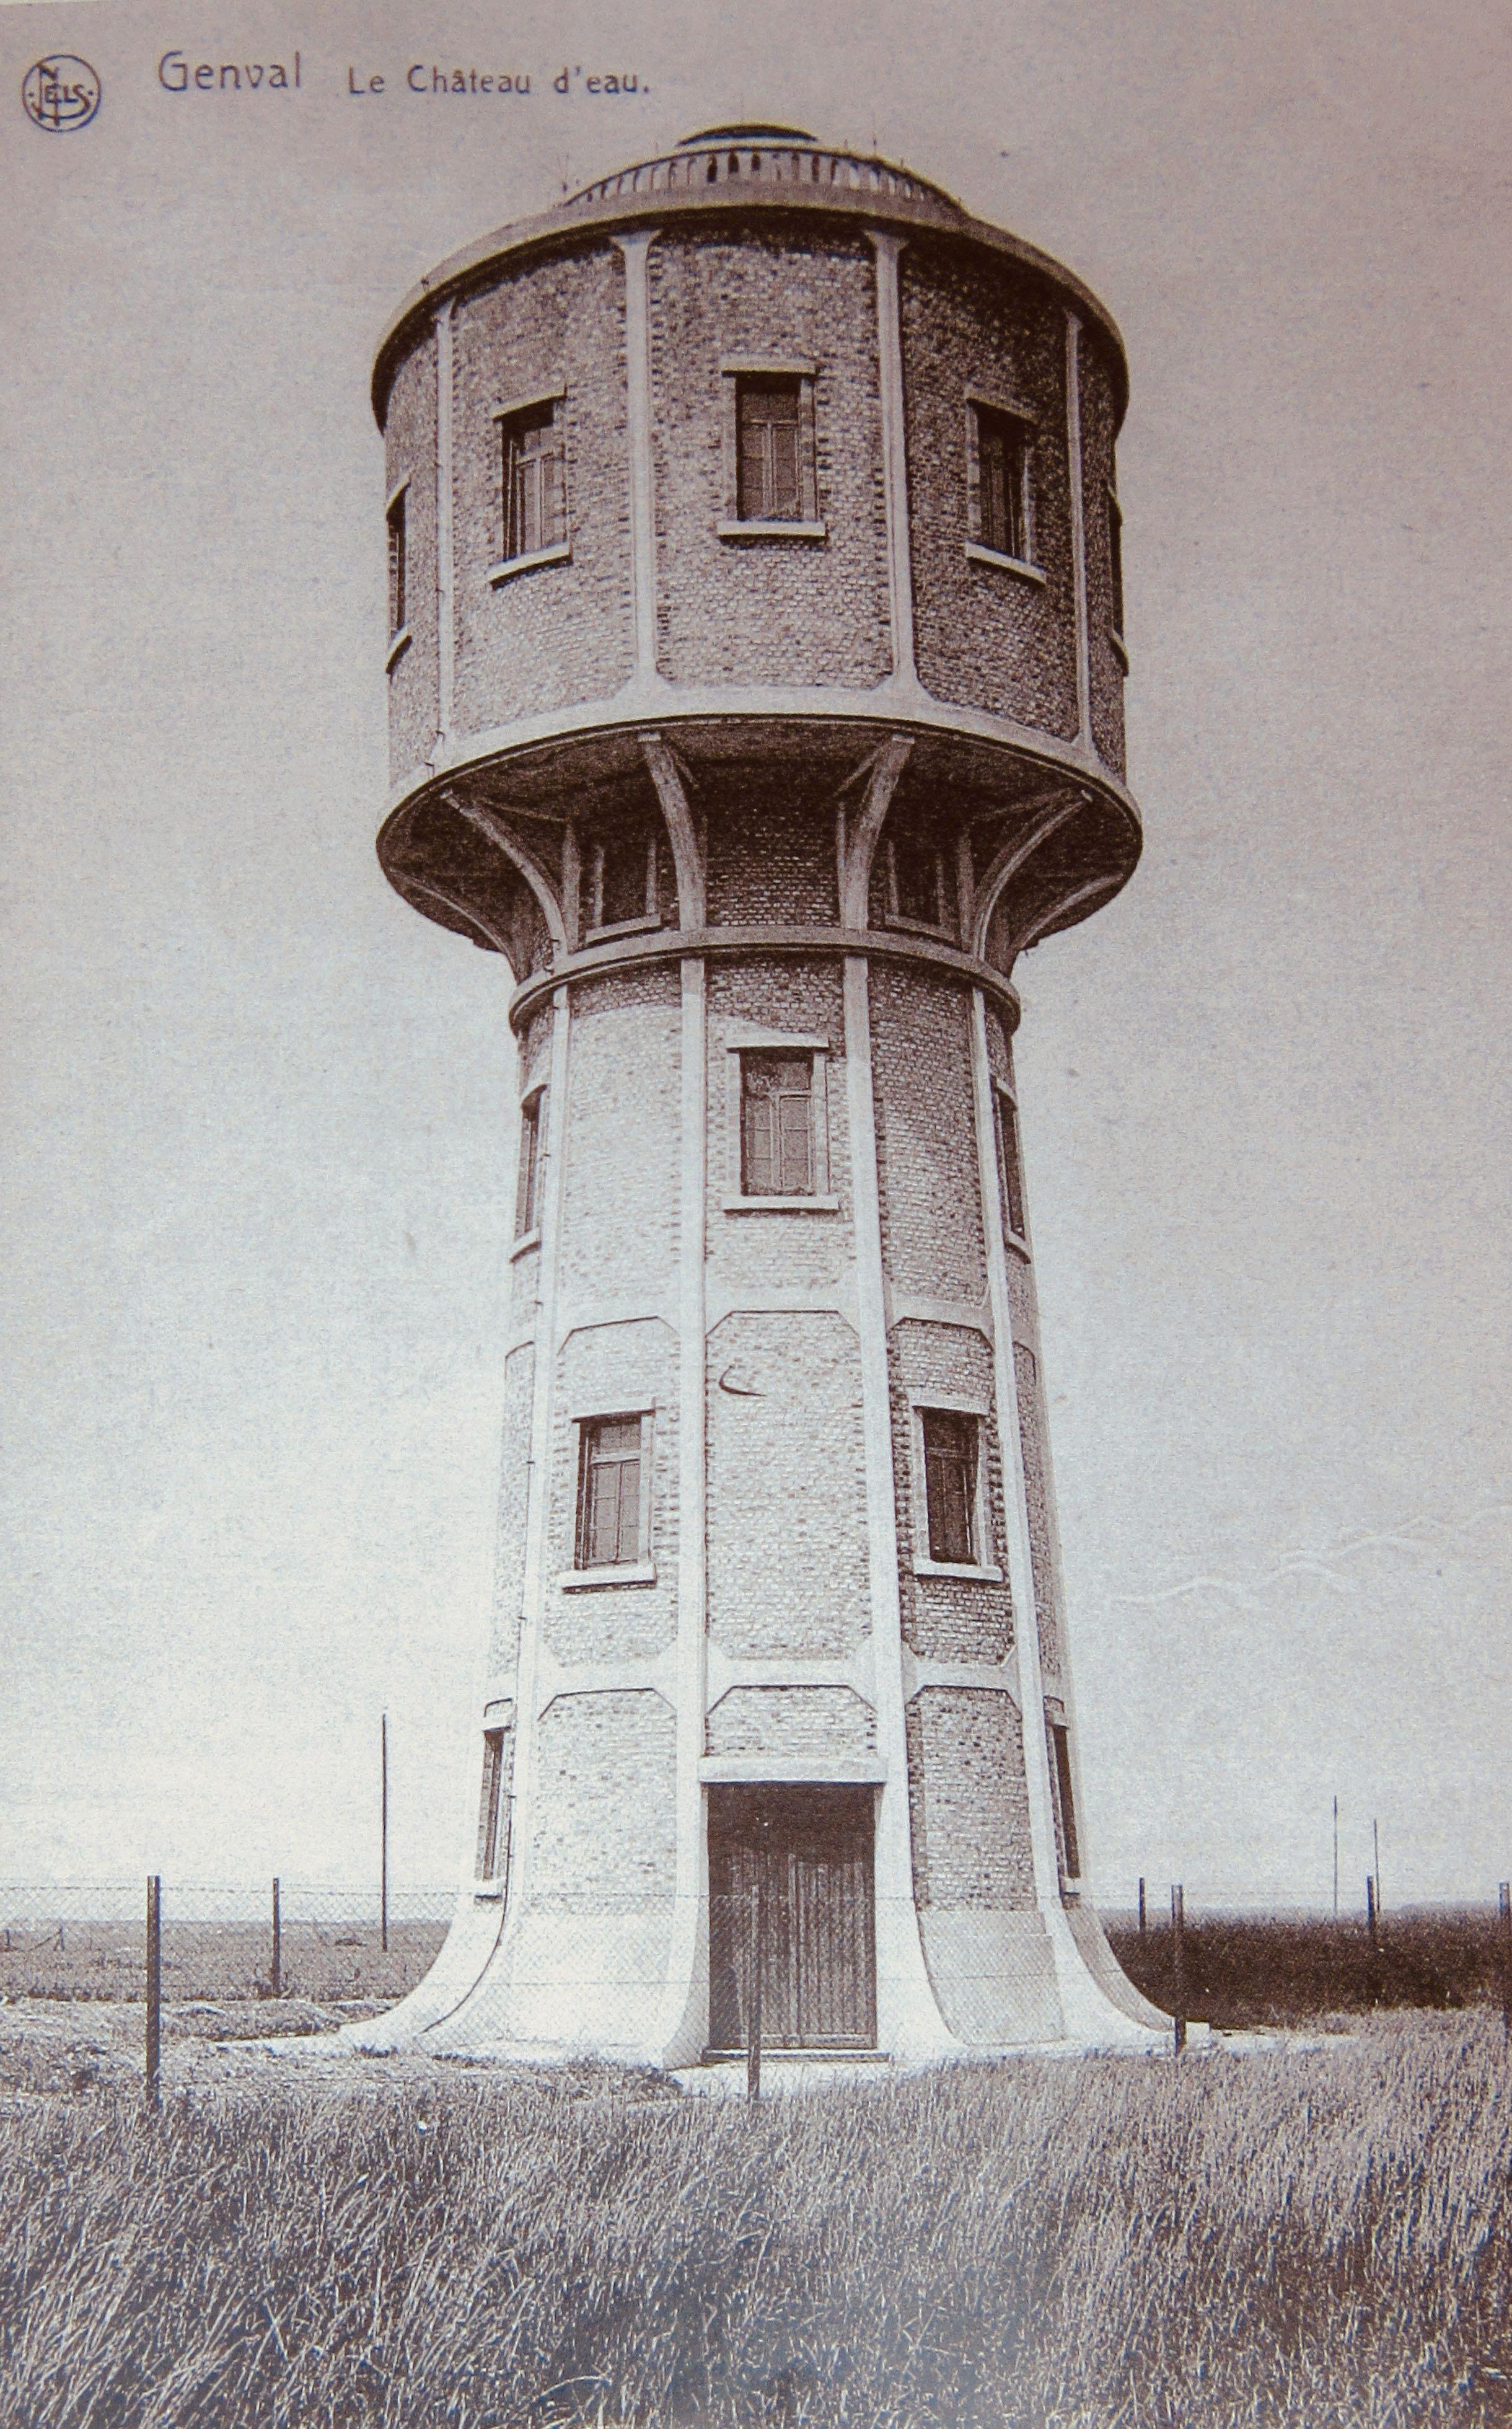 ca 1930| Ancien château d'eau de Genval (coll. Cercle d'Histoire de Rixensart) CHR